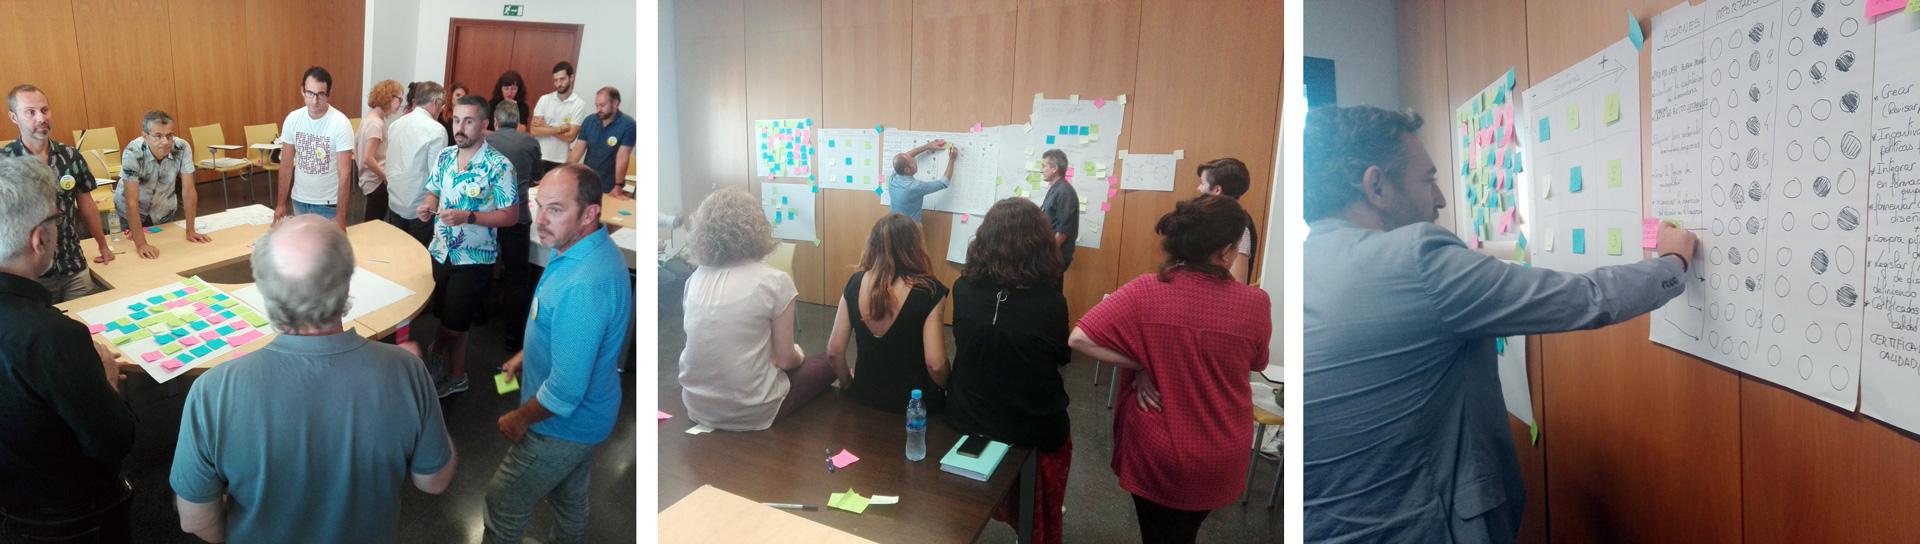 sesiones de design thinking